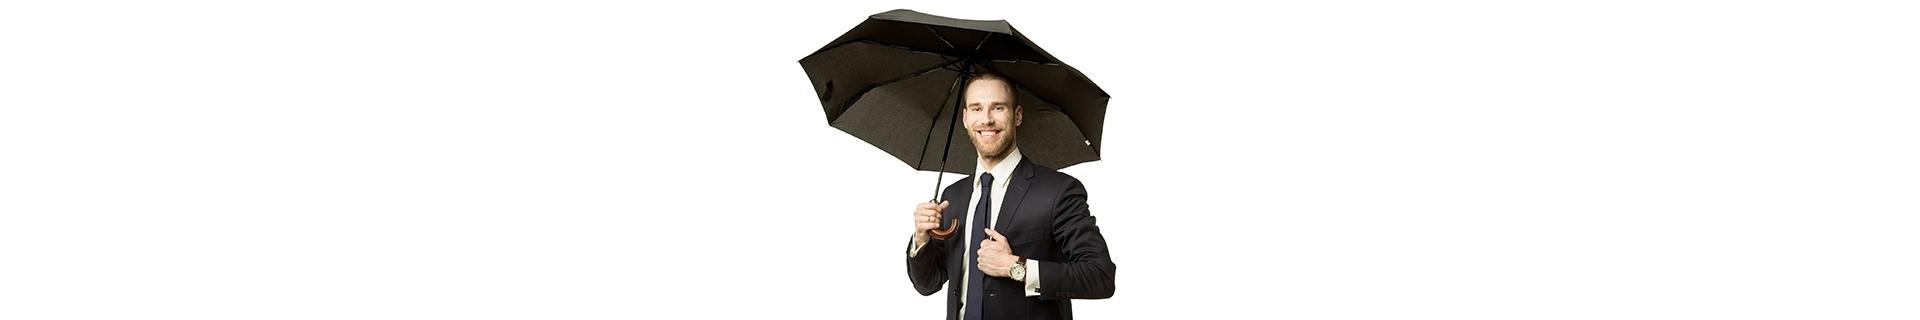 Krótkie parasole męskie. Małe parasolki do torby - Parasol.com.pl